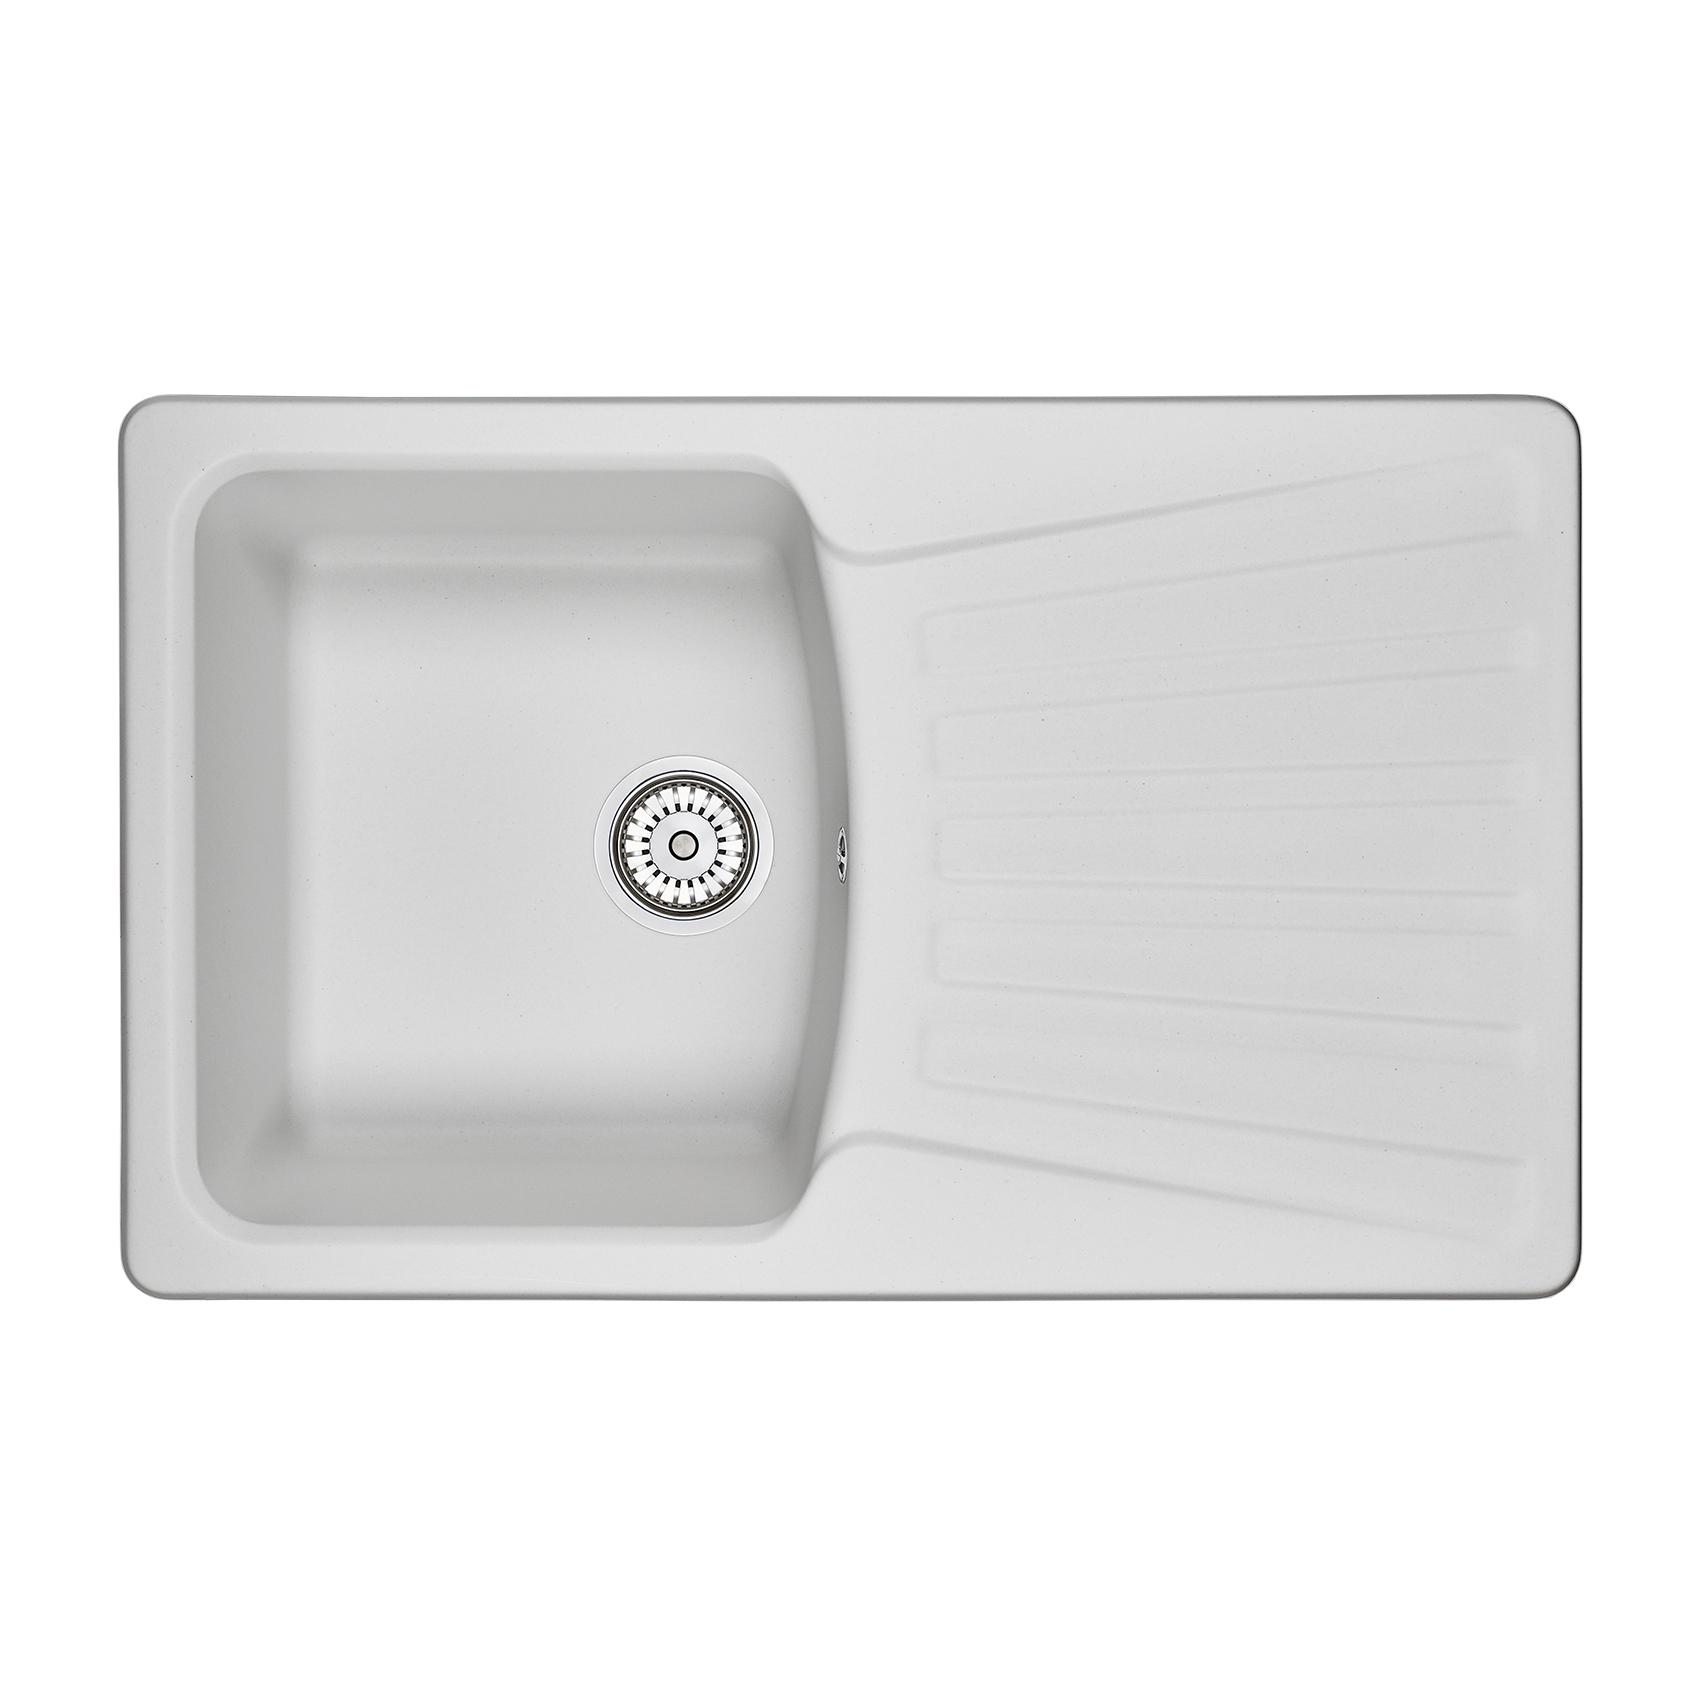 Кухонная мойка Granula GR-8001 790х500 арктик посуда кухонная